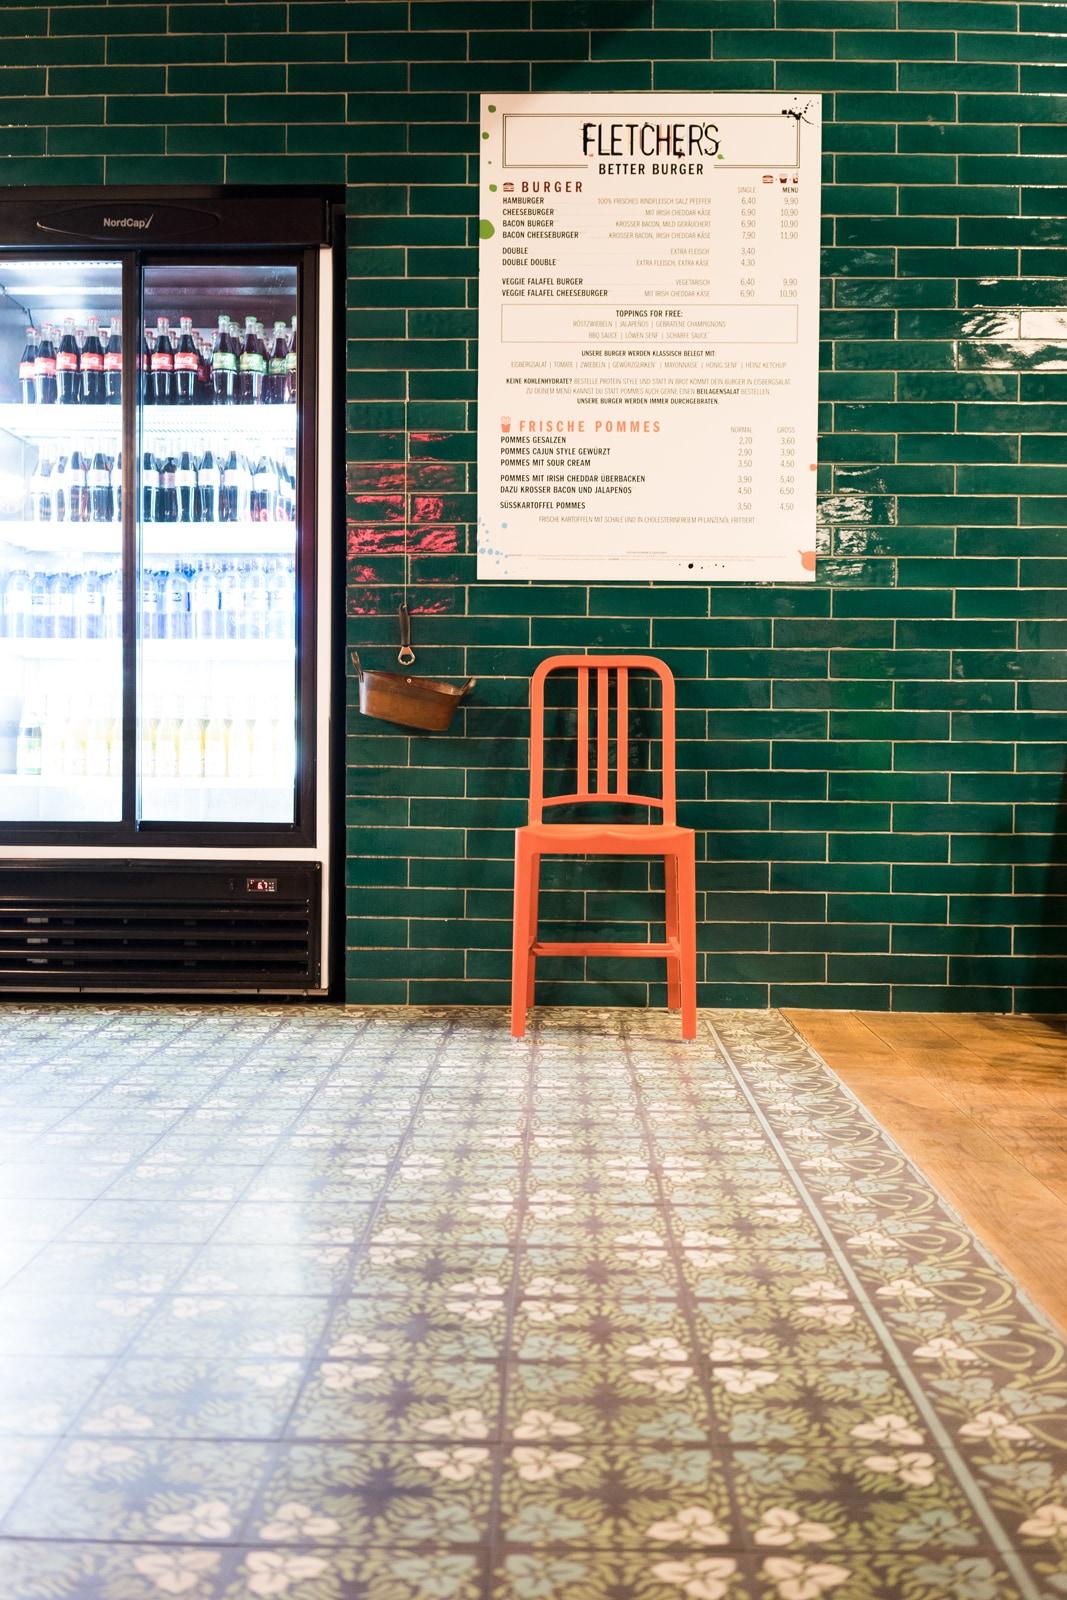 zementmosaikplatte-nummer-11761-burgerladen-via-gmbh | 11761